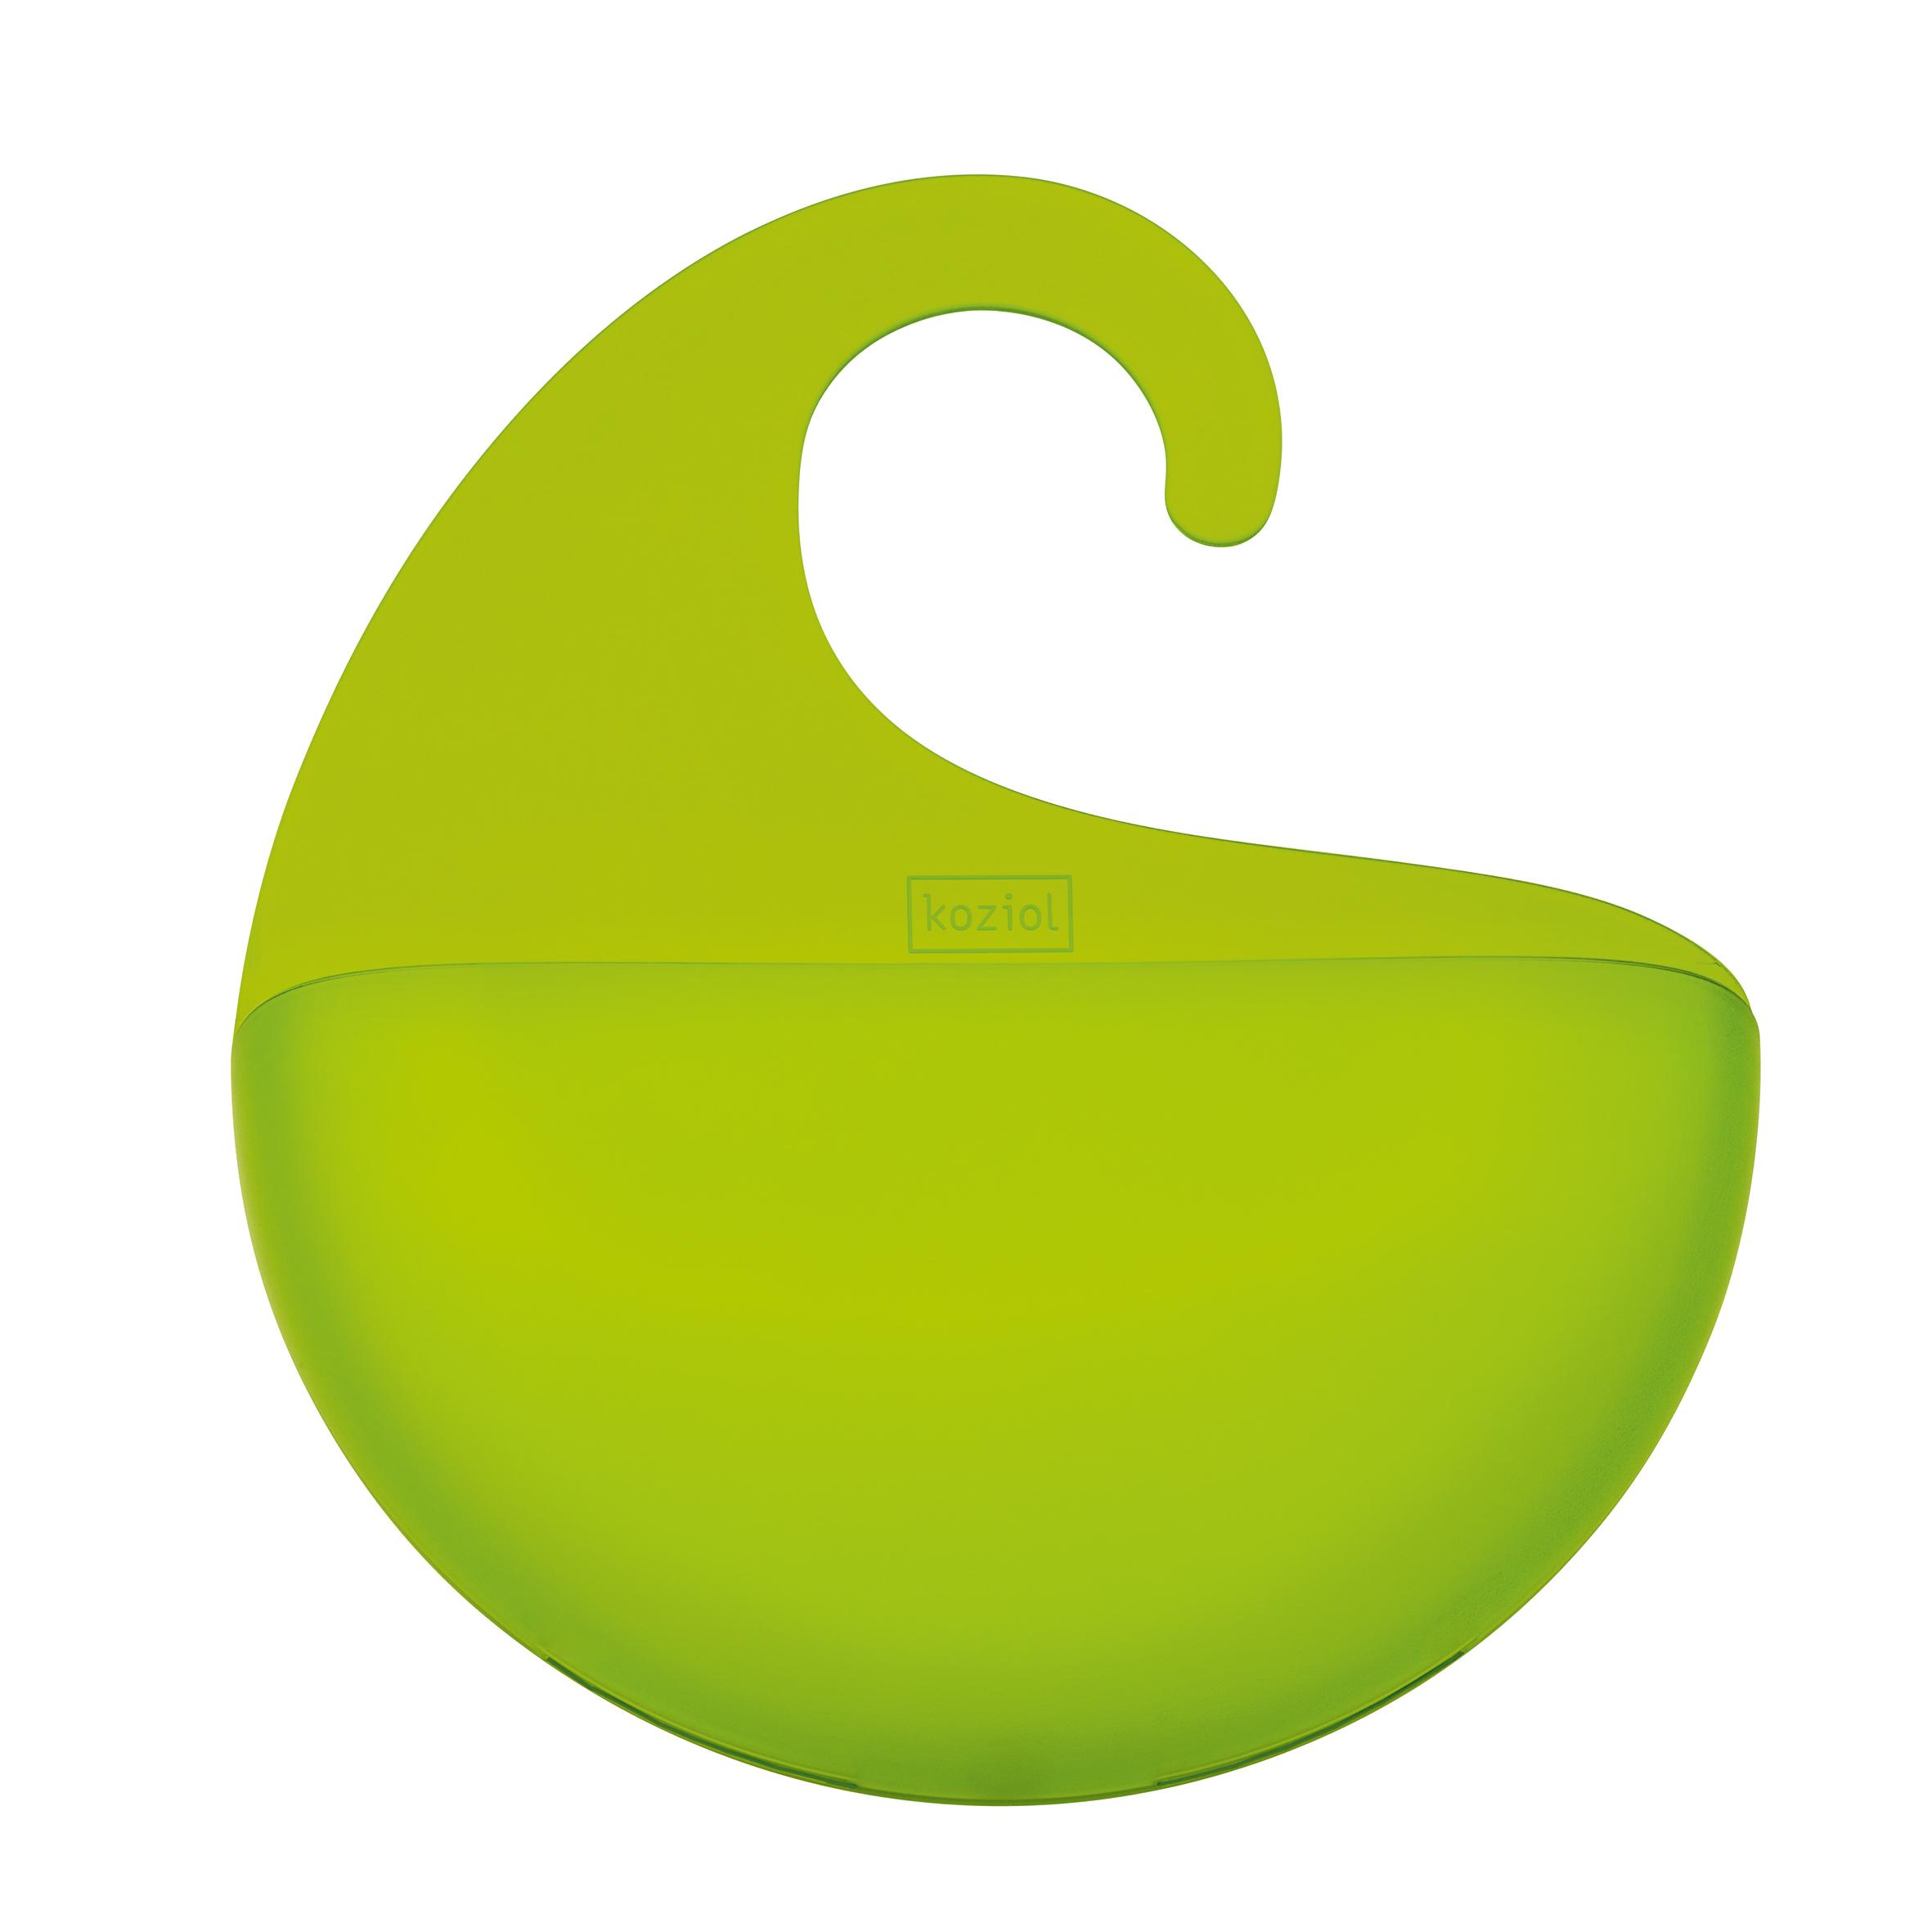 koziol online shop surf m utensilo transparent olive green. Black Bedroom Furniture Sets. Home Design Ideas